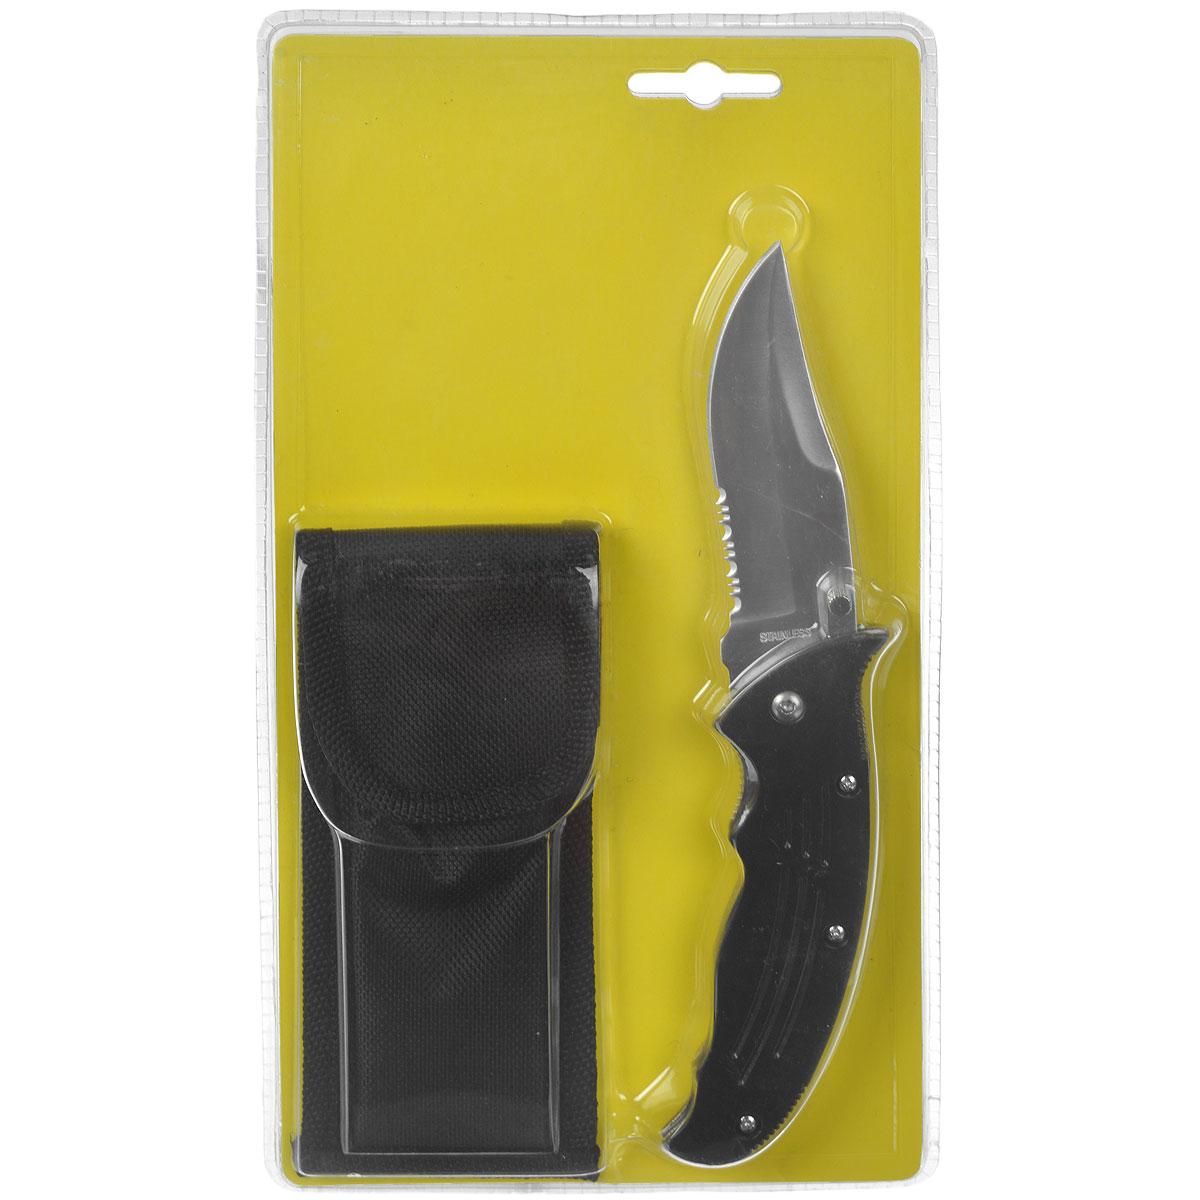 Складной нож Campland, длина лезвия 8,5 смH-214 НожемирКомпактный и легкий складной нож Campland станет надежным помощником даже в самой сложной экспедиции. Рукоять выполнена из пластика. Для изготовления ножа применяется высококачественная инструментальная нержавеющая сталь. Характеристики:Материал: пластик, металл. Размеры:длина лезвия - 8,5 см,общая длина (включая ручку) - 20 см,толщина лезвия - 0,3 см. Размер упаковки: 26 см х 15 см х 3 см. Артикул: CAMN8.